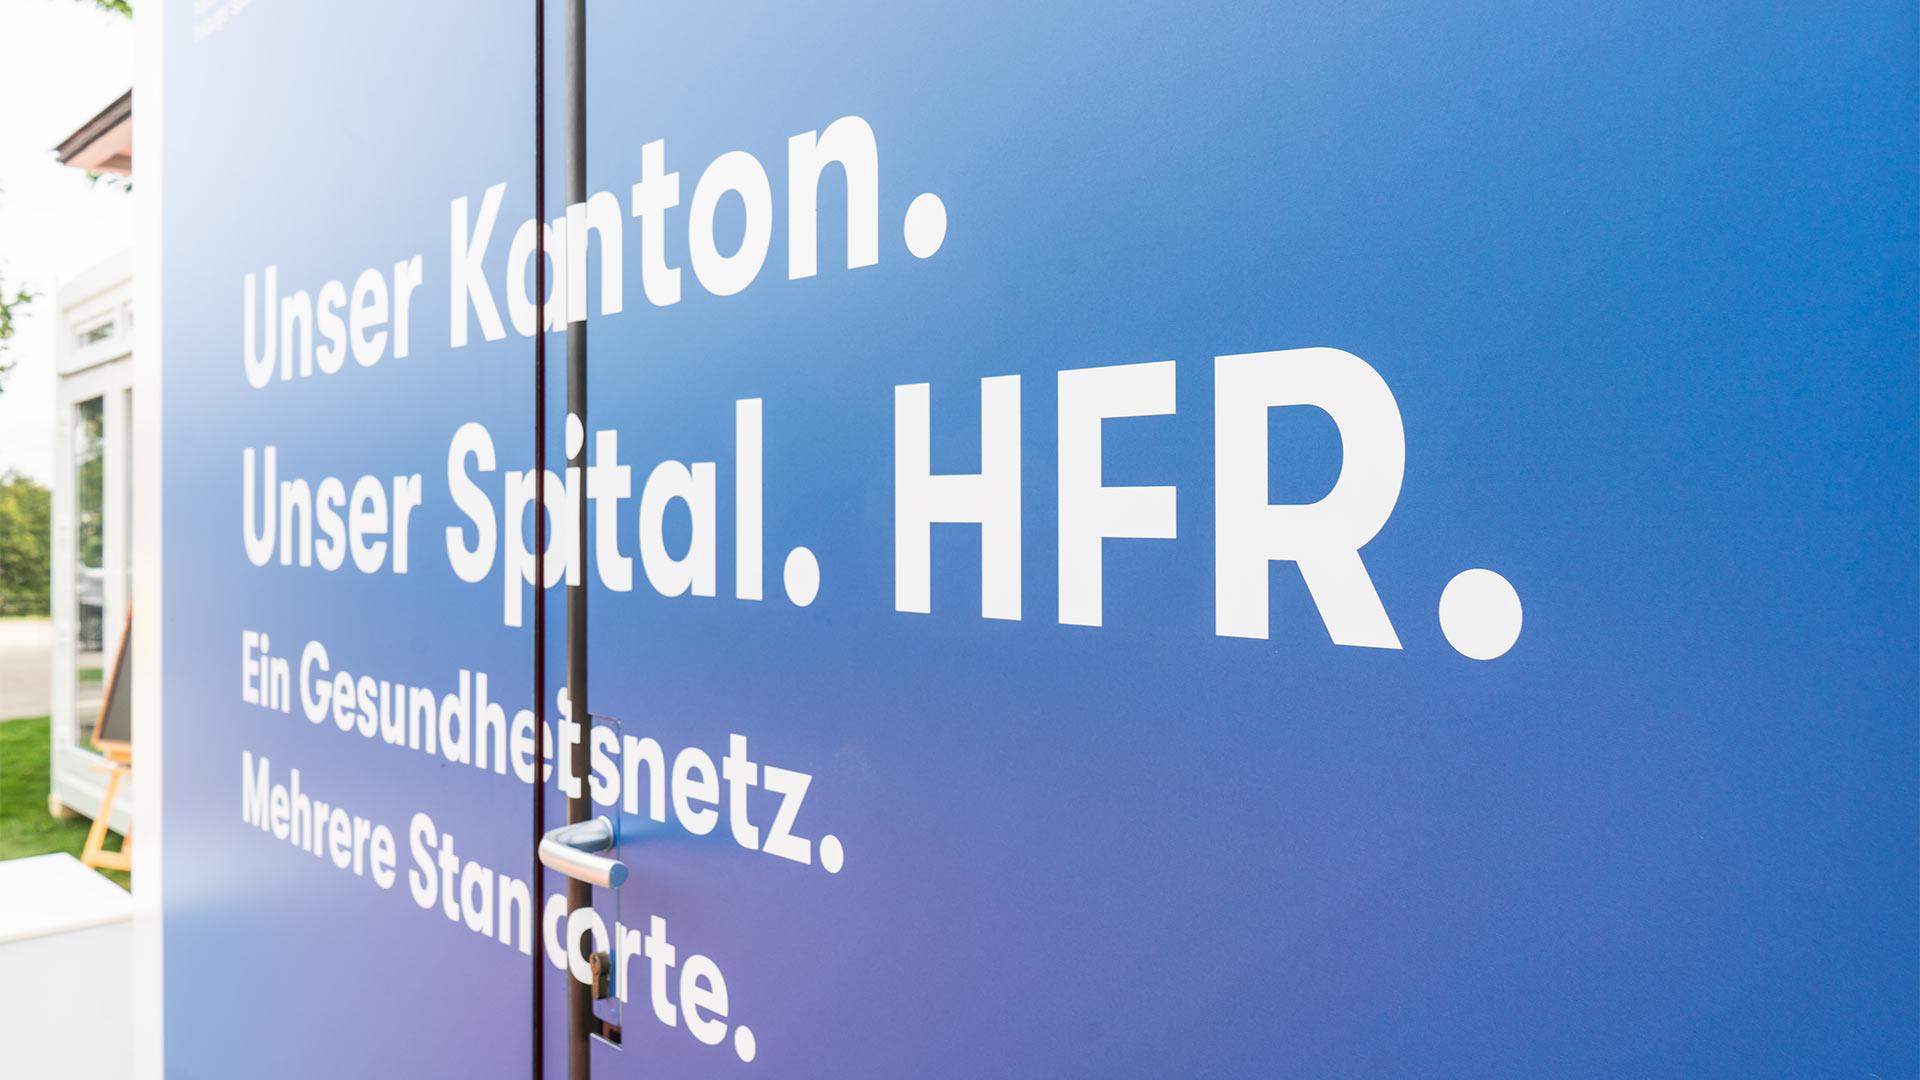 portfolio_hfr_3